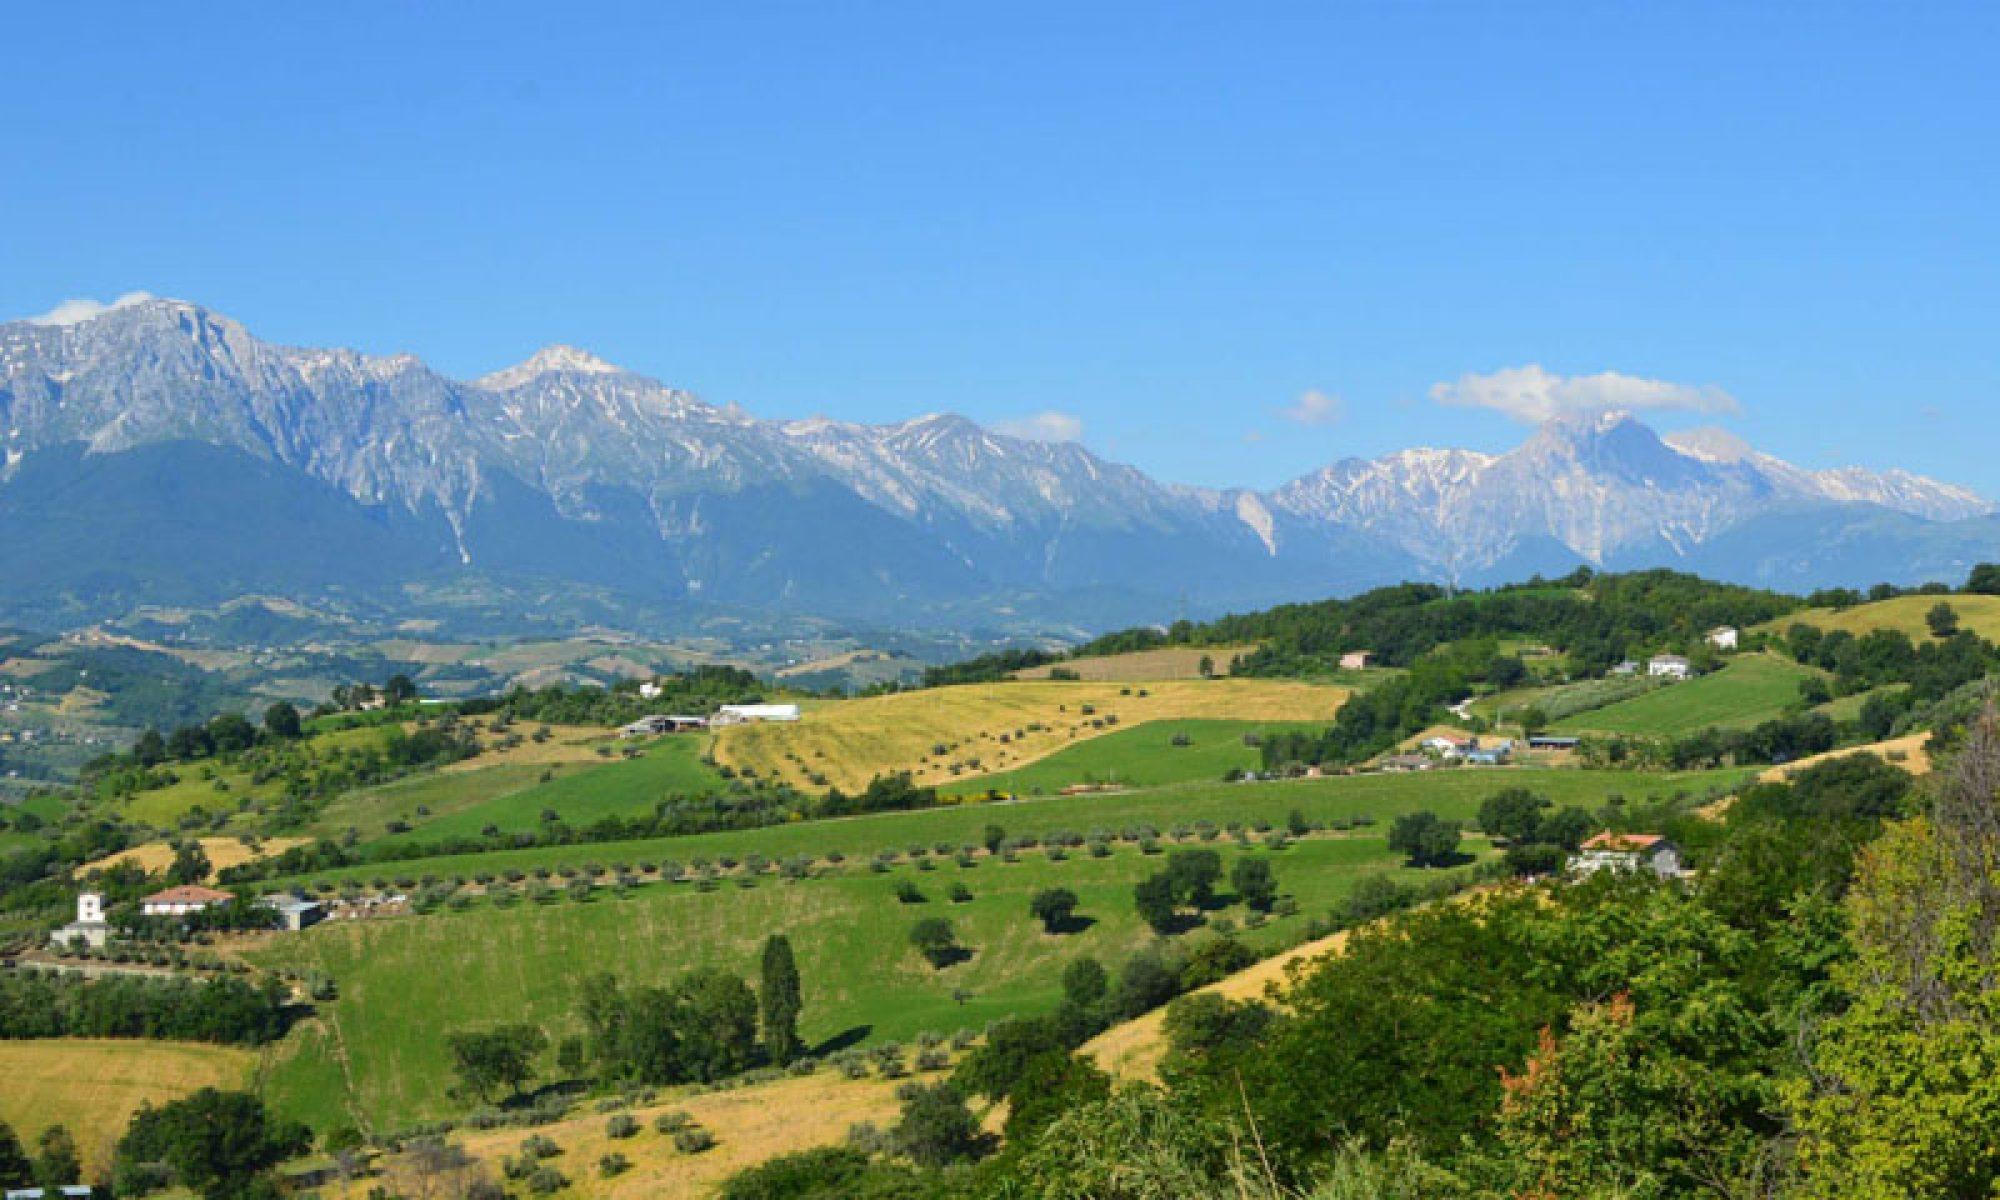 Health and Wellness Retreats Abruzzo, Italy